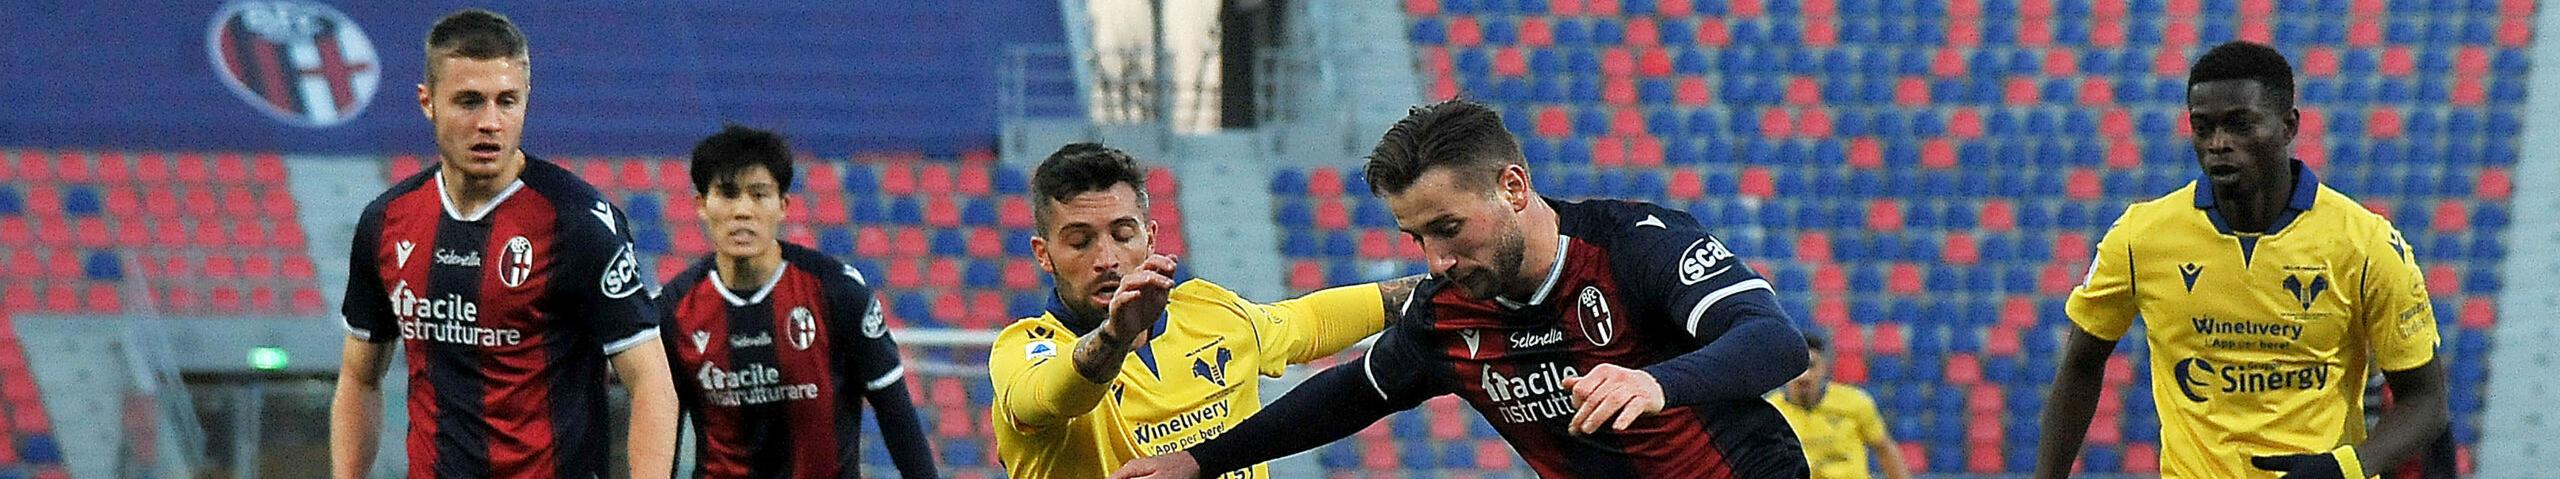 Verona-Bologna, al Bentegodi il